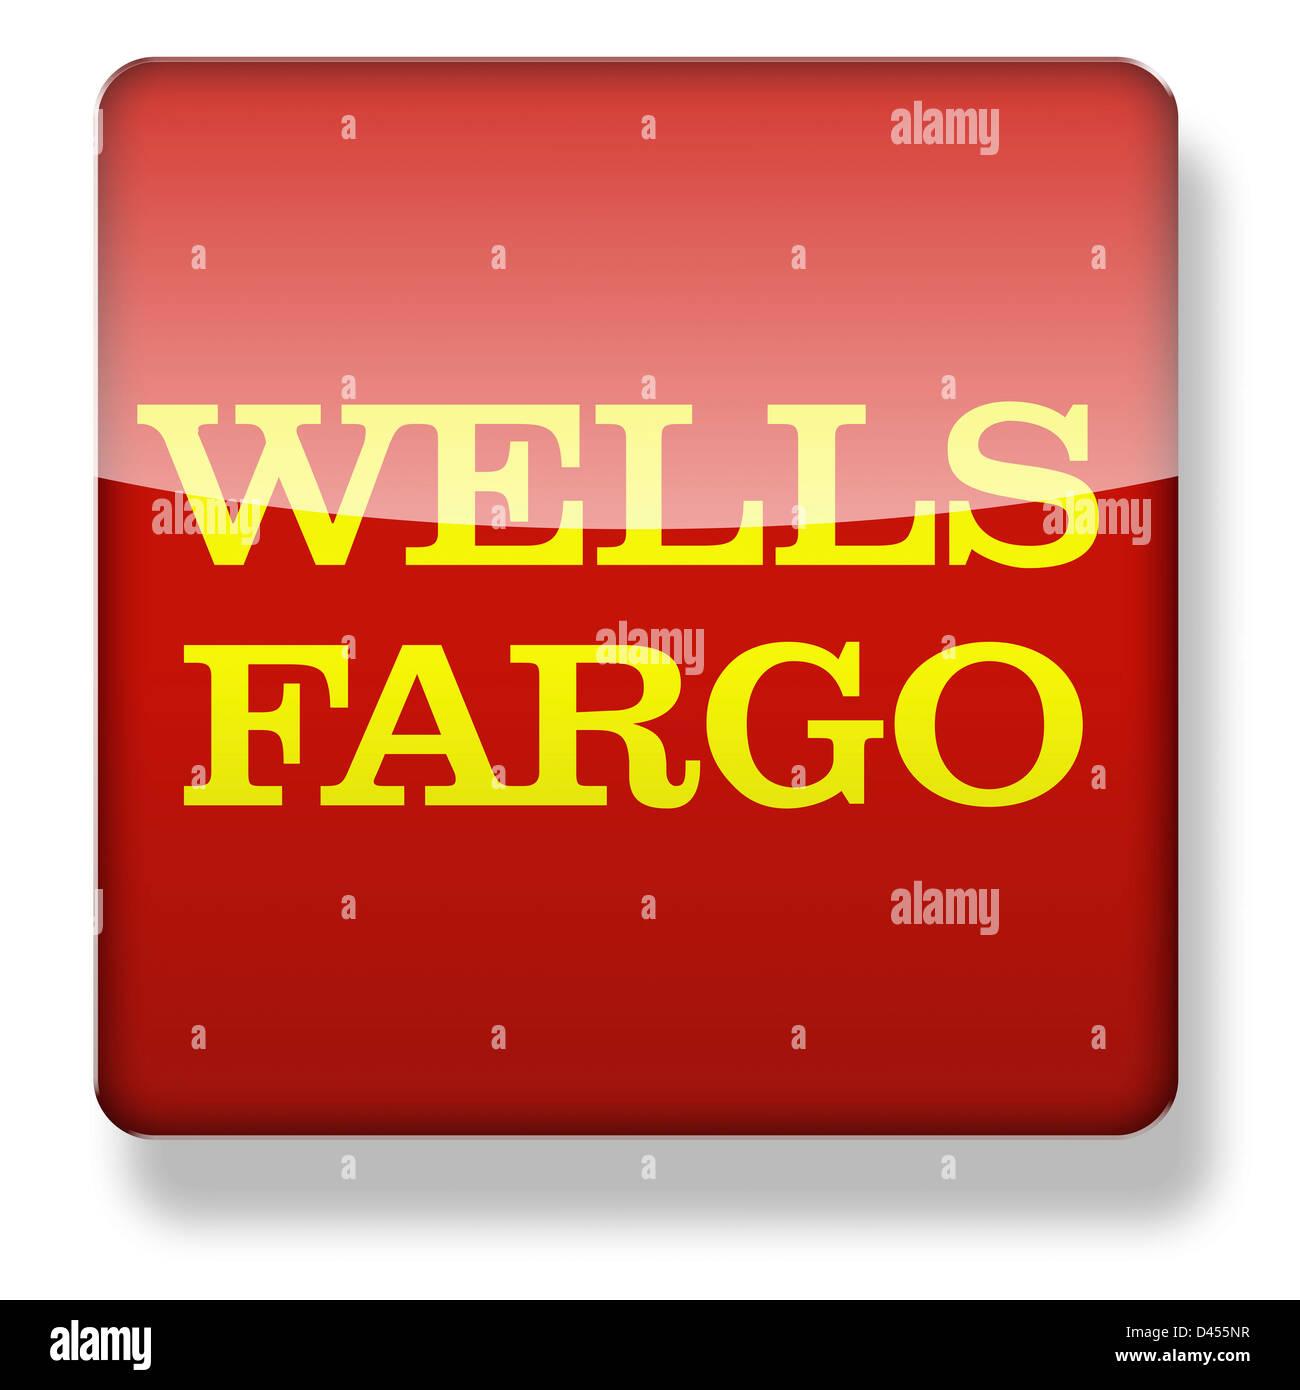 Wells Fargo Logo Als Ein App Symbol Clipping Pfad Enthalten